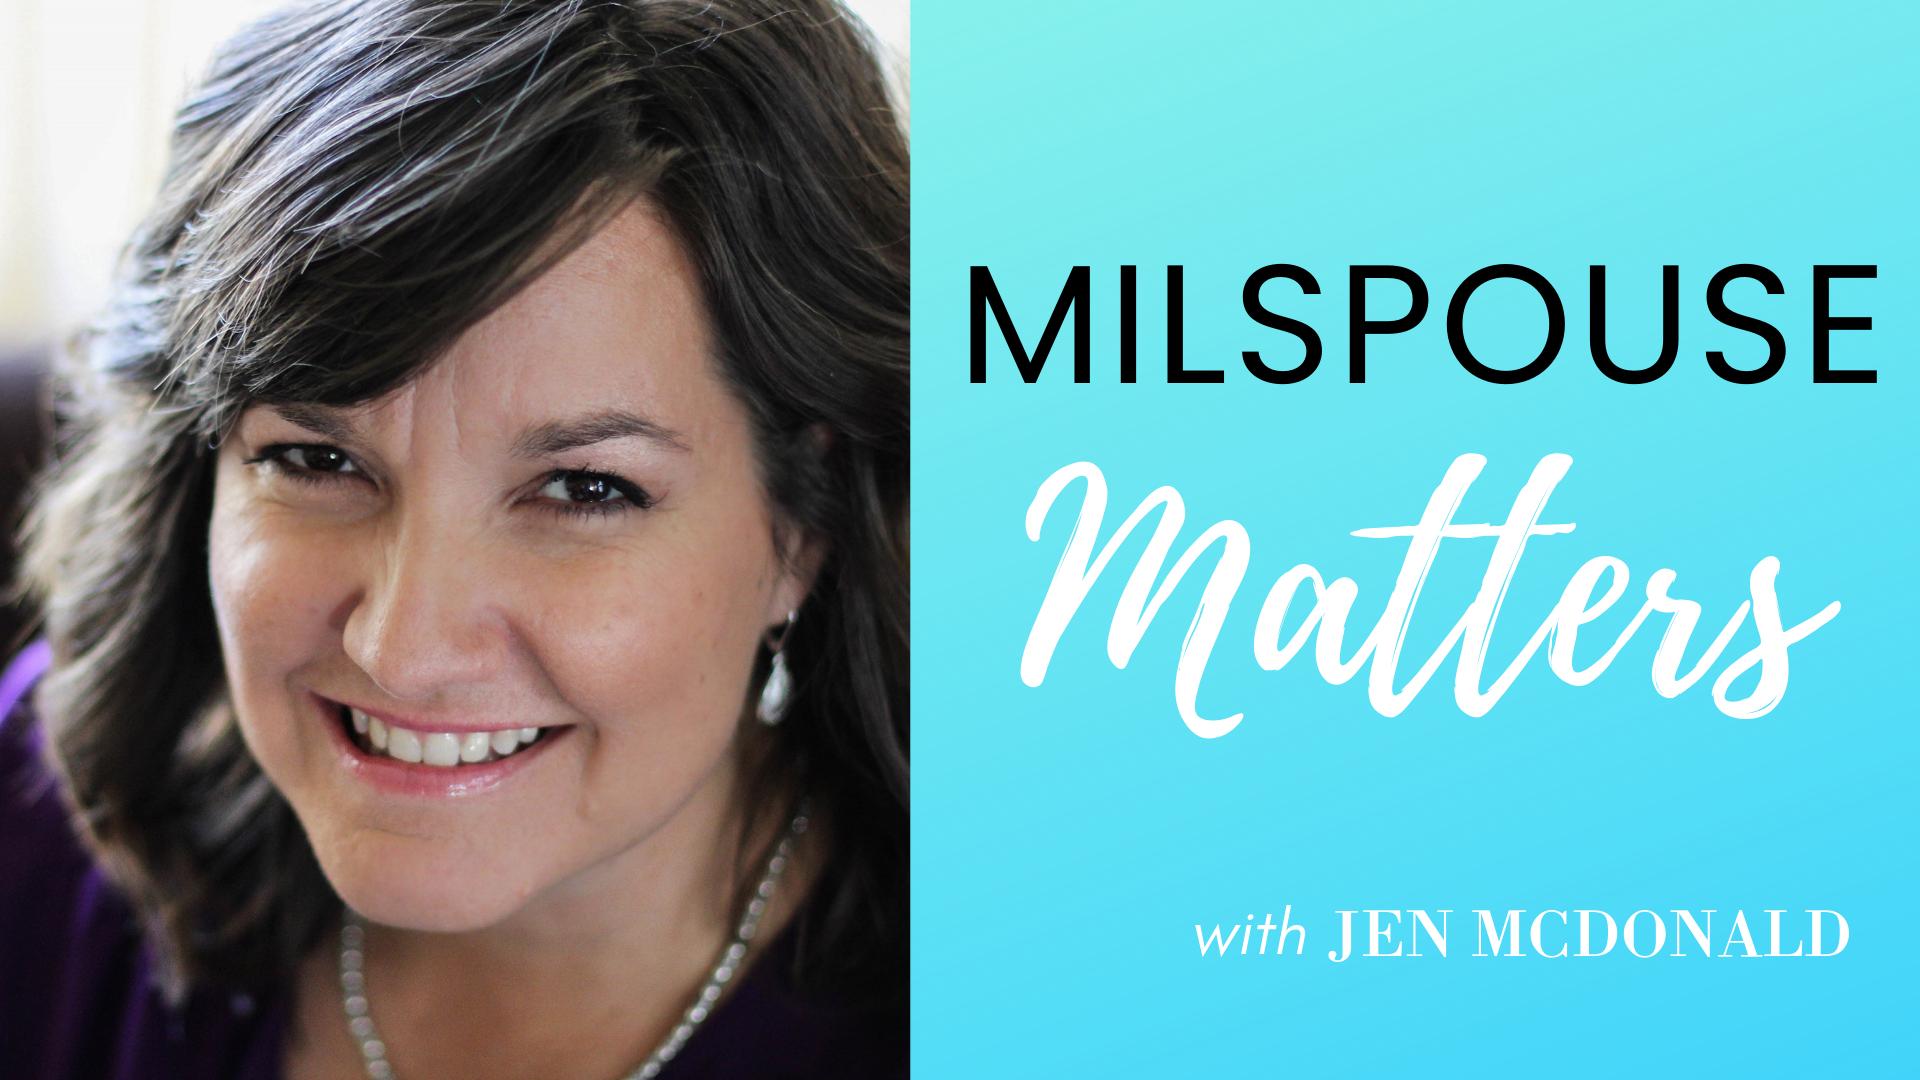 Milspouse Matters